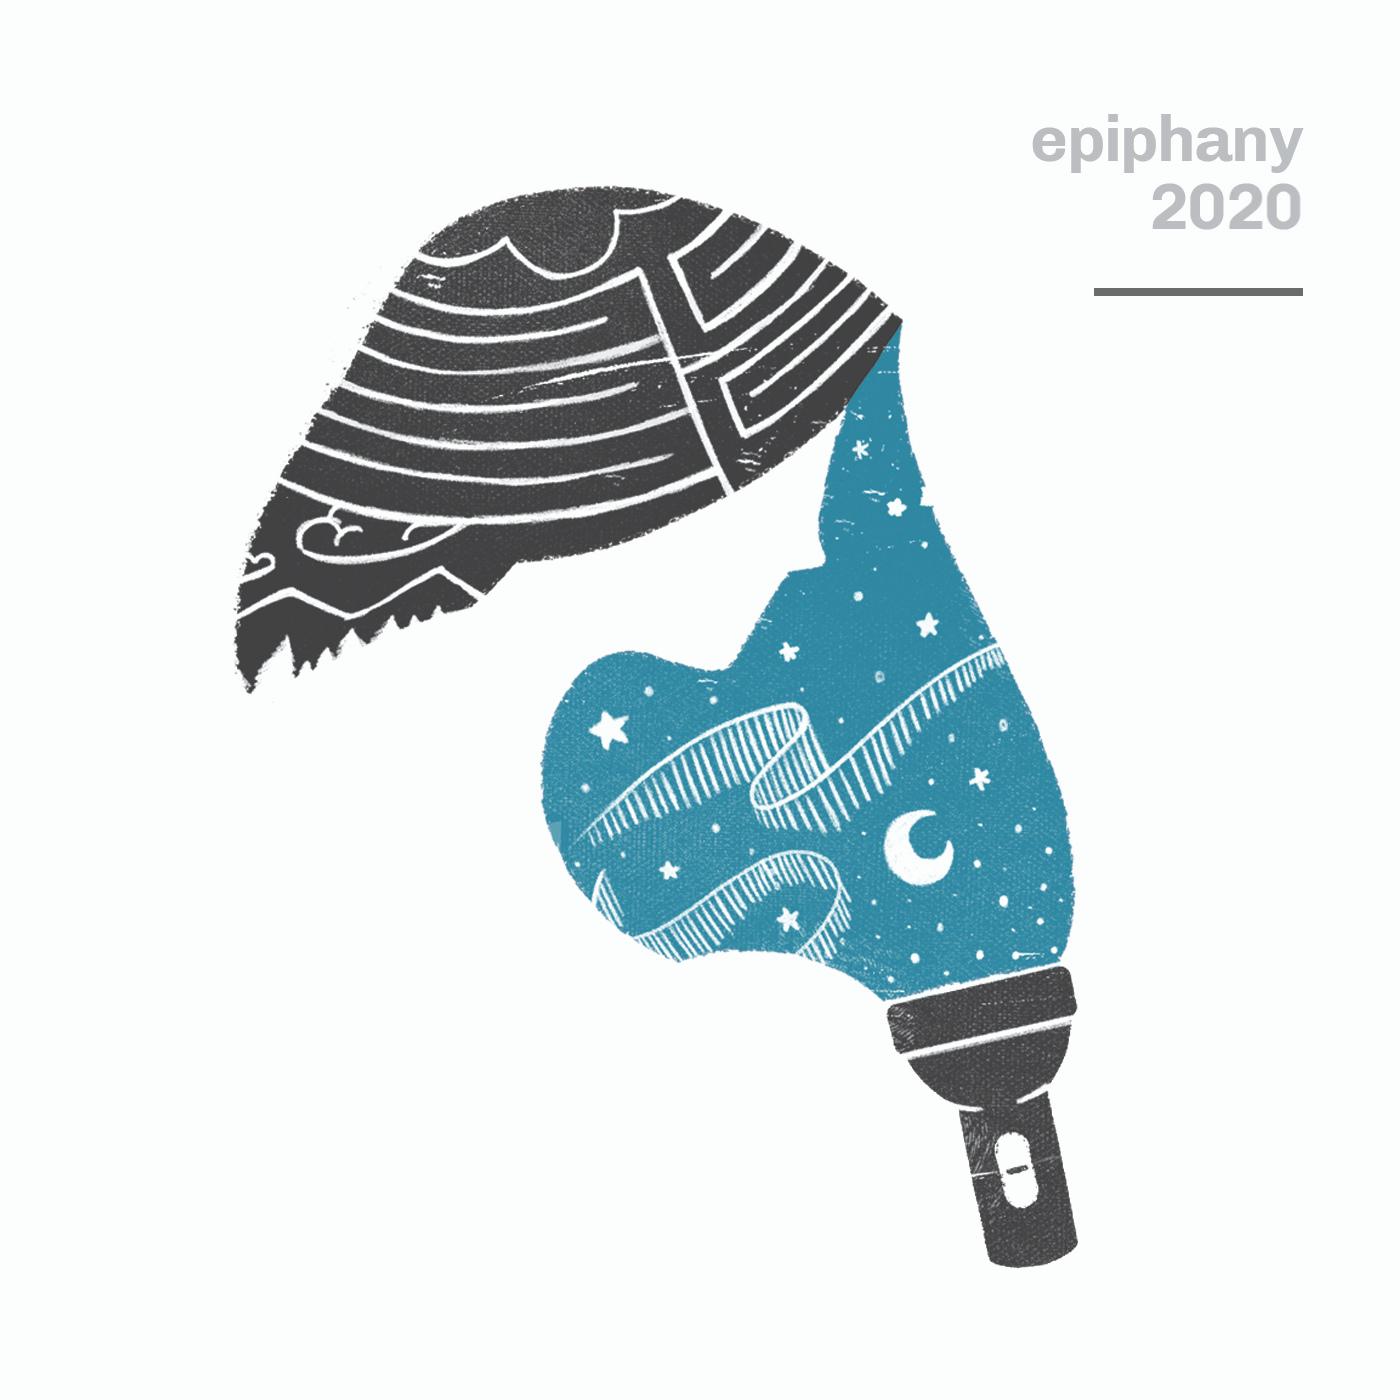 Epiphany 2020